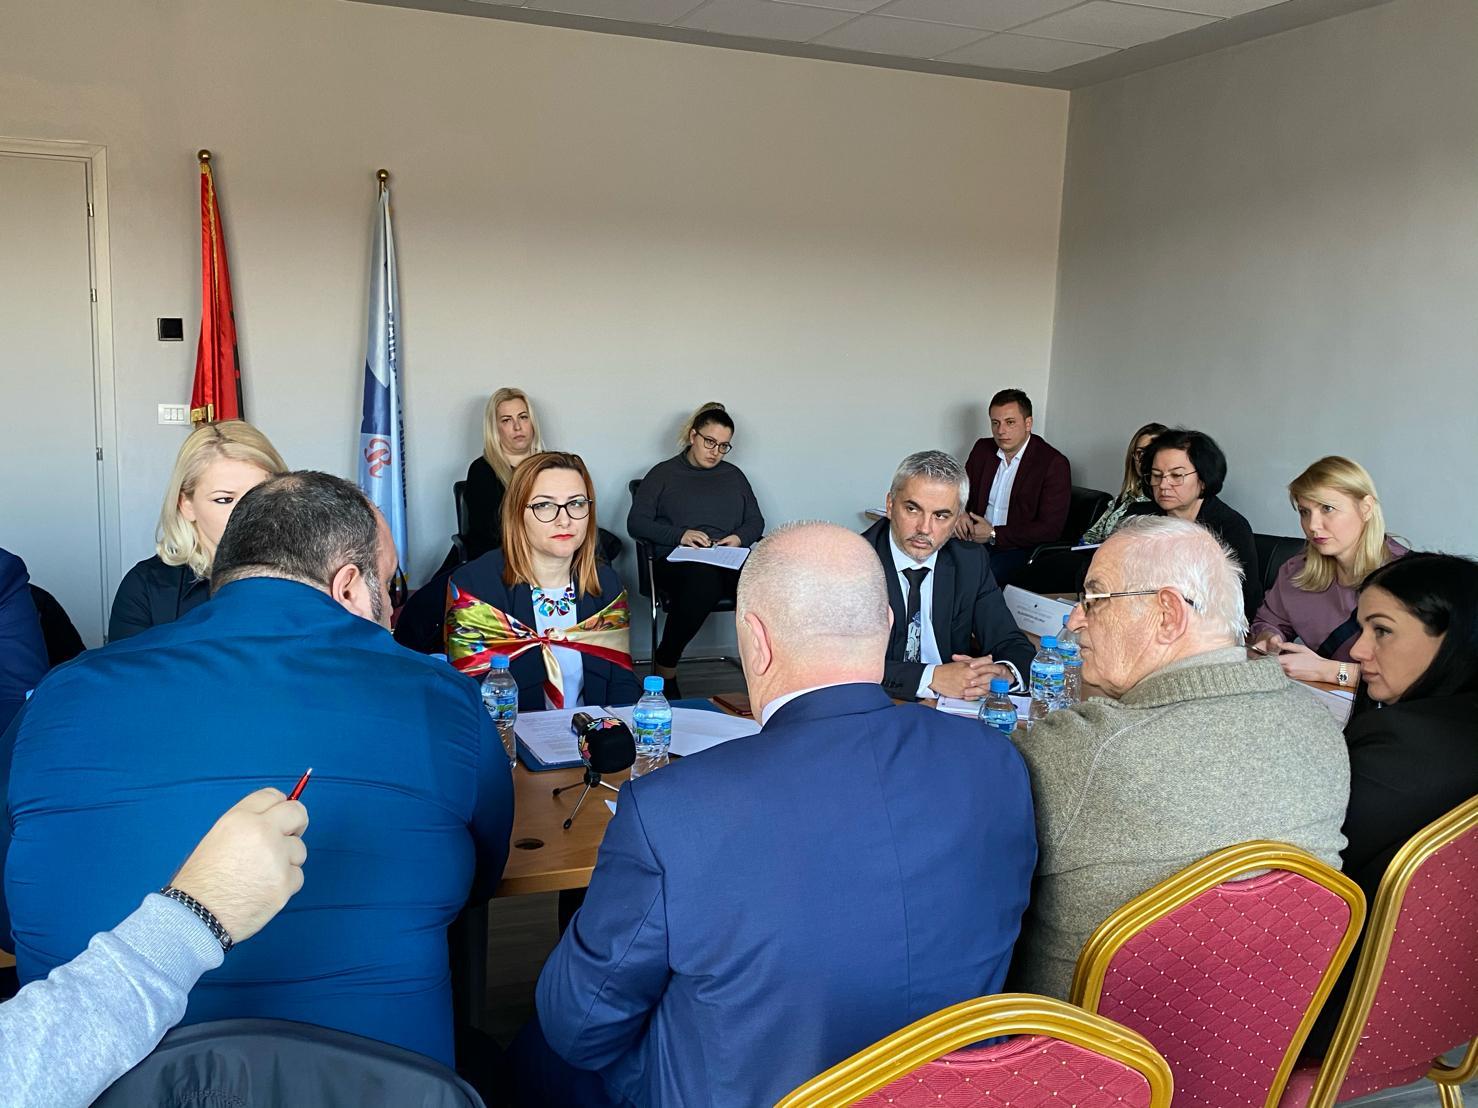 """""""Në Datën 19.02.2020 u zhvillua në ambientet e ERE-s seanca dëgjimore mes përfaqësuesve të Shoqata e Mbrojtjes së Konsumatorit, Zyra për Mbrojtjen e Konsumatorit, Shoqata e Invalidëve të Punës, Avokati i Popullit, MIE, Autoriteti i Konkurencës, FSHU dhe ERE për të diskutuar mbi proçesin e shqyrtimit të aplikimit të FSHU, për përcaktimin e çmimit të shitjes me pakicë për klientët që shërbehen nga Furnizuesi i Shërbimit Universal për vitin 2020"""""""